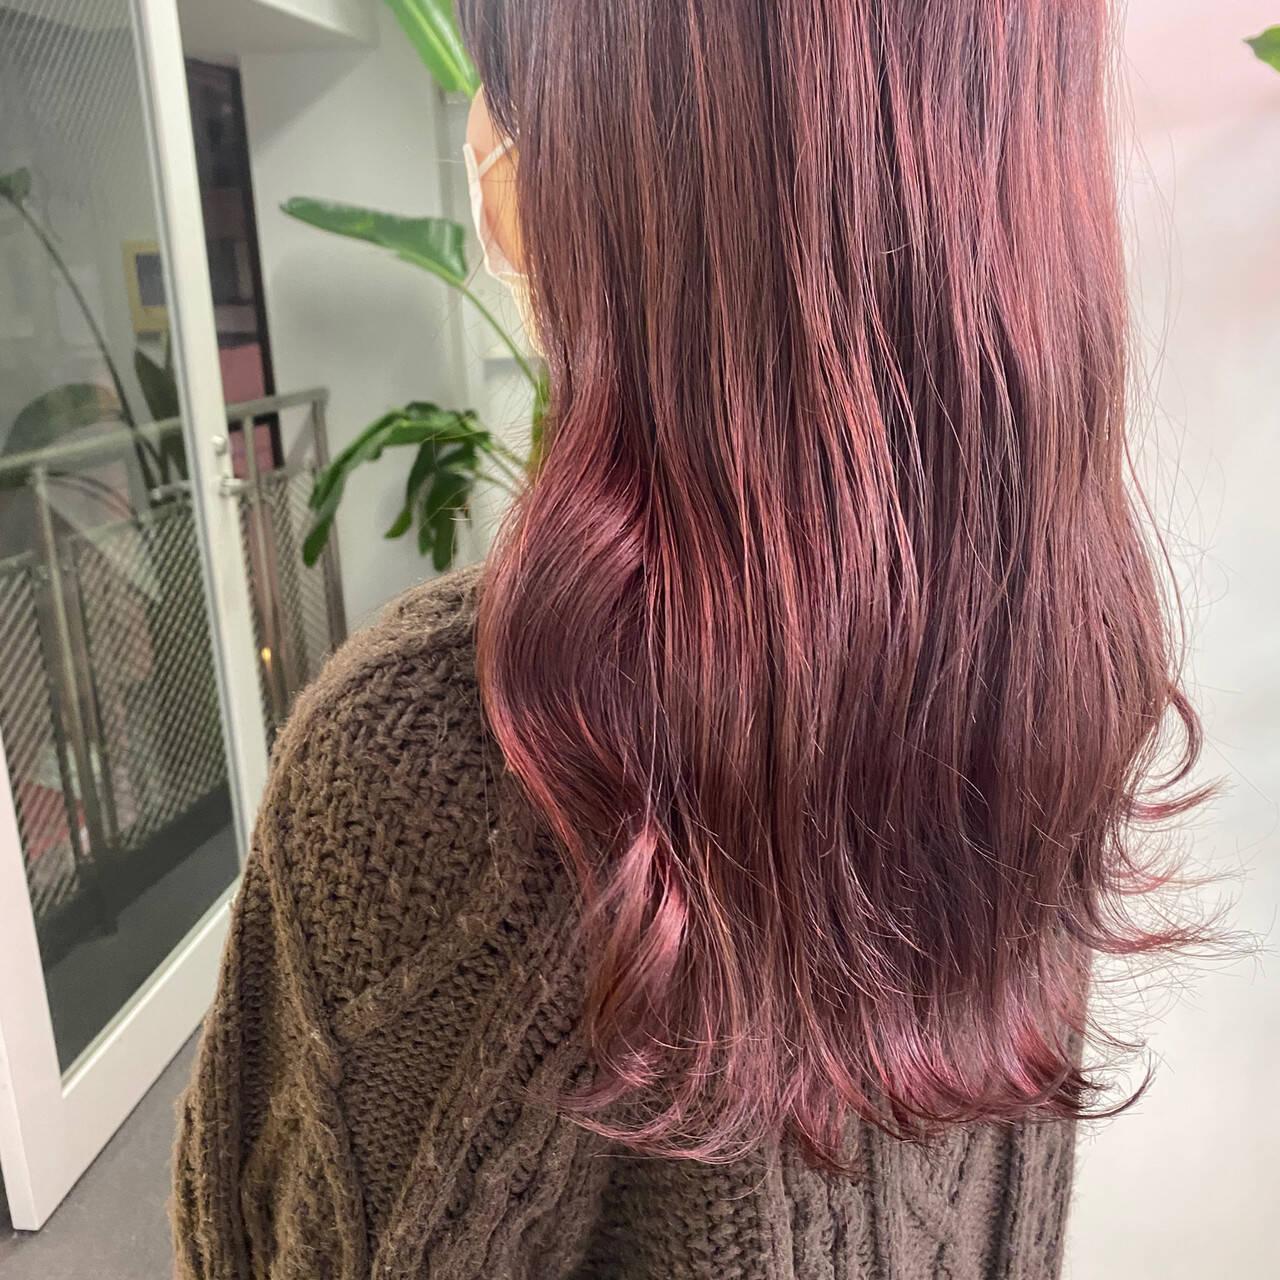 ベリーピンク ピンク 韓国ヘア ピンクアッシュヘアスタイルや髪型の写真・画像